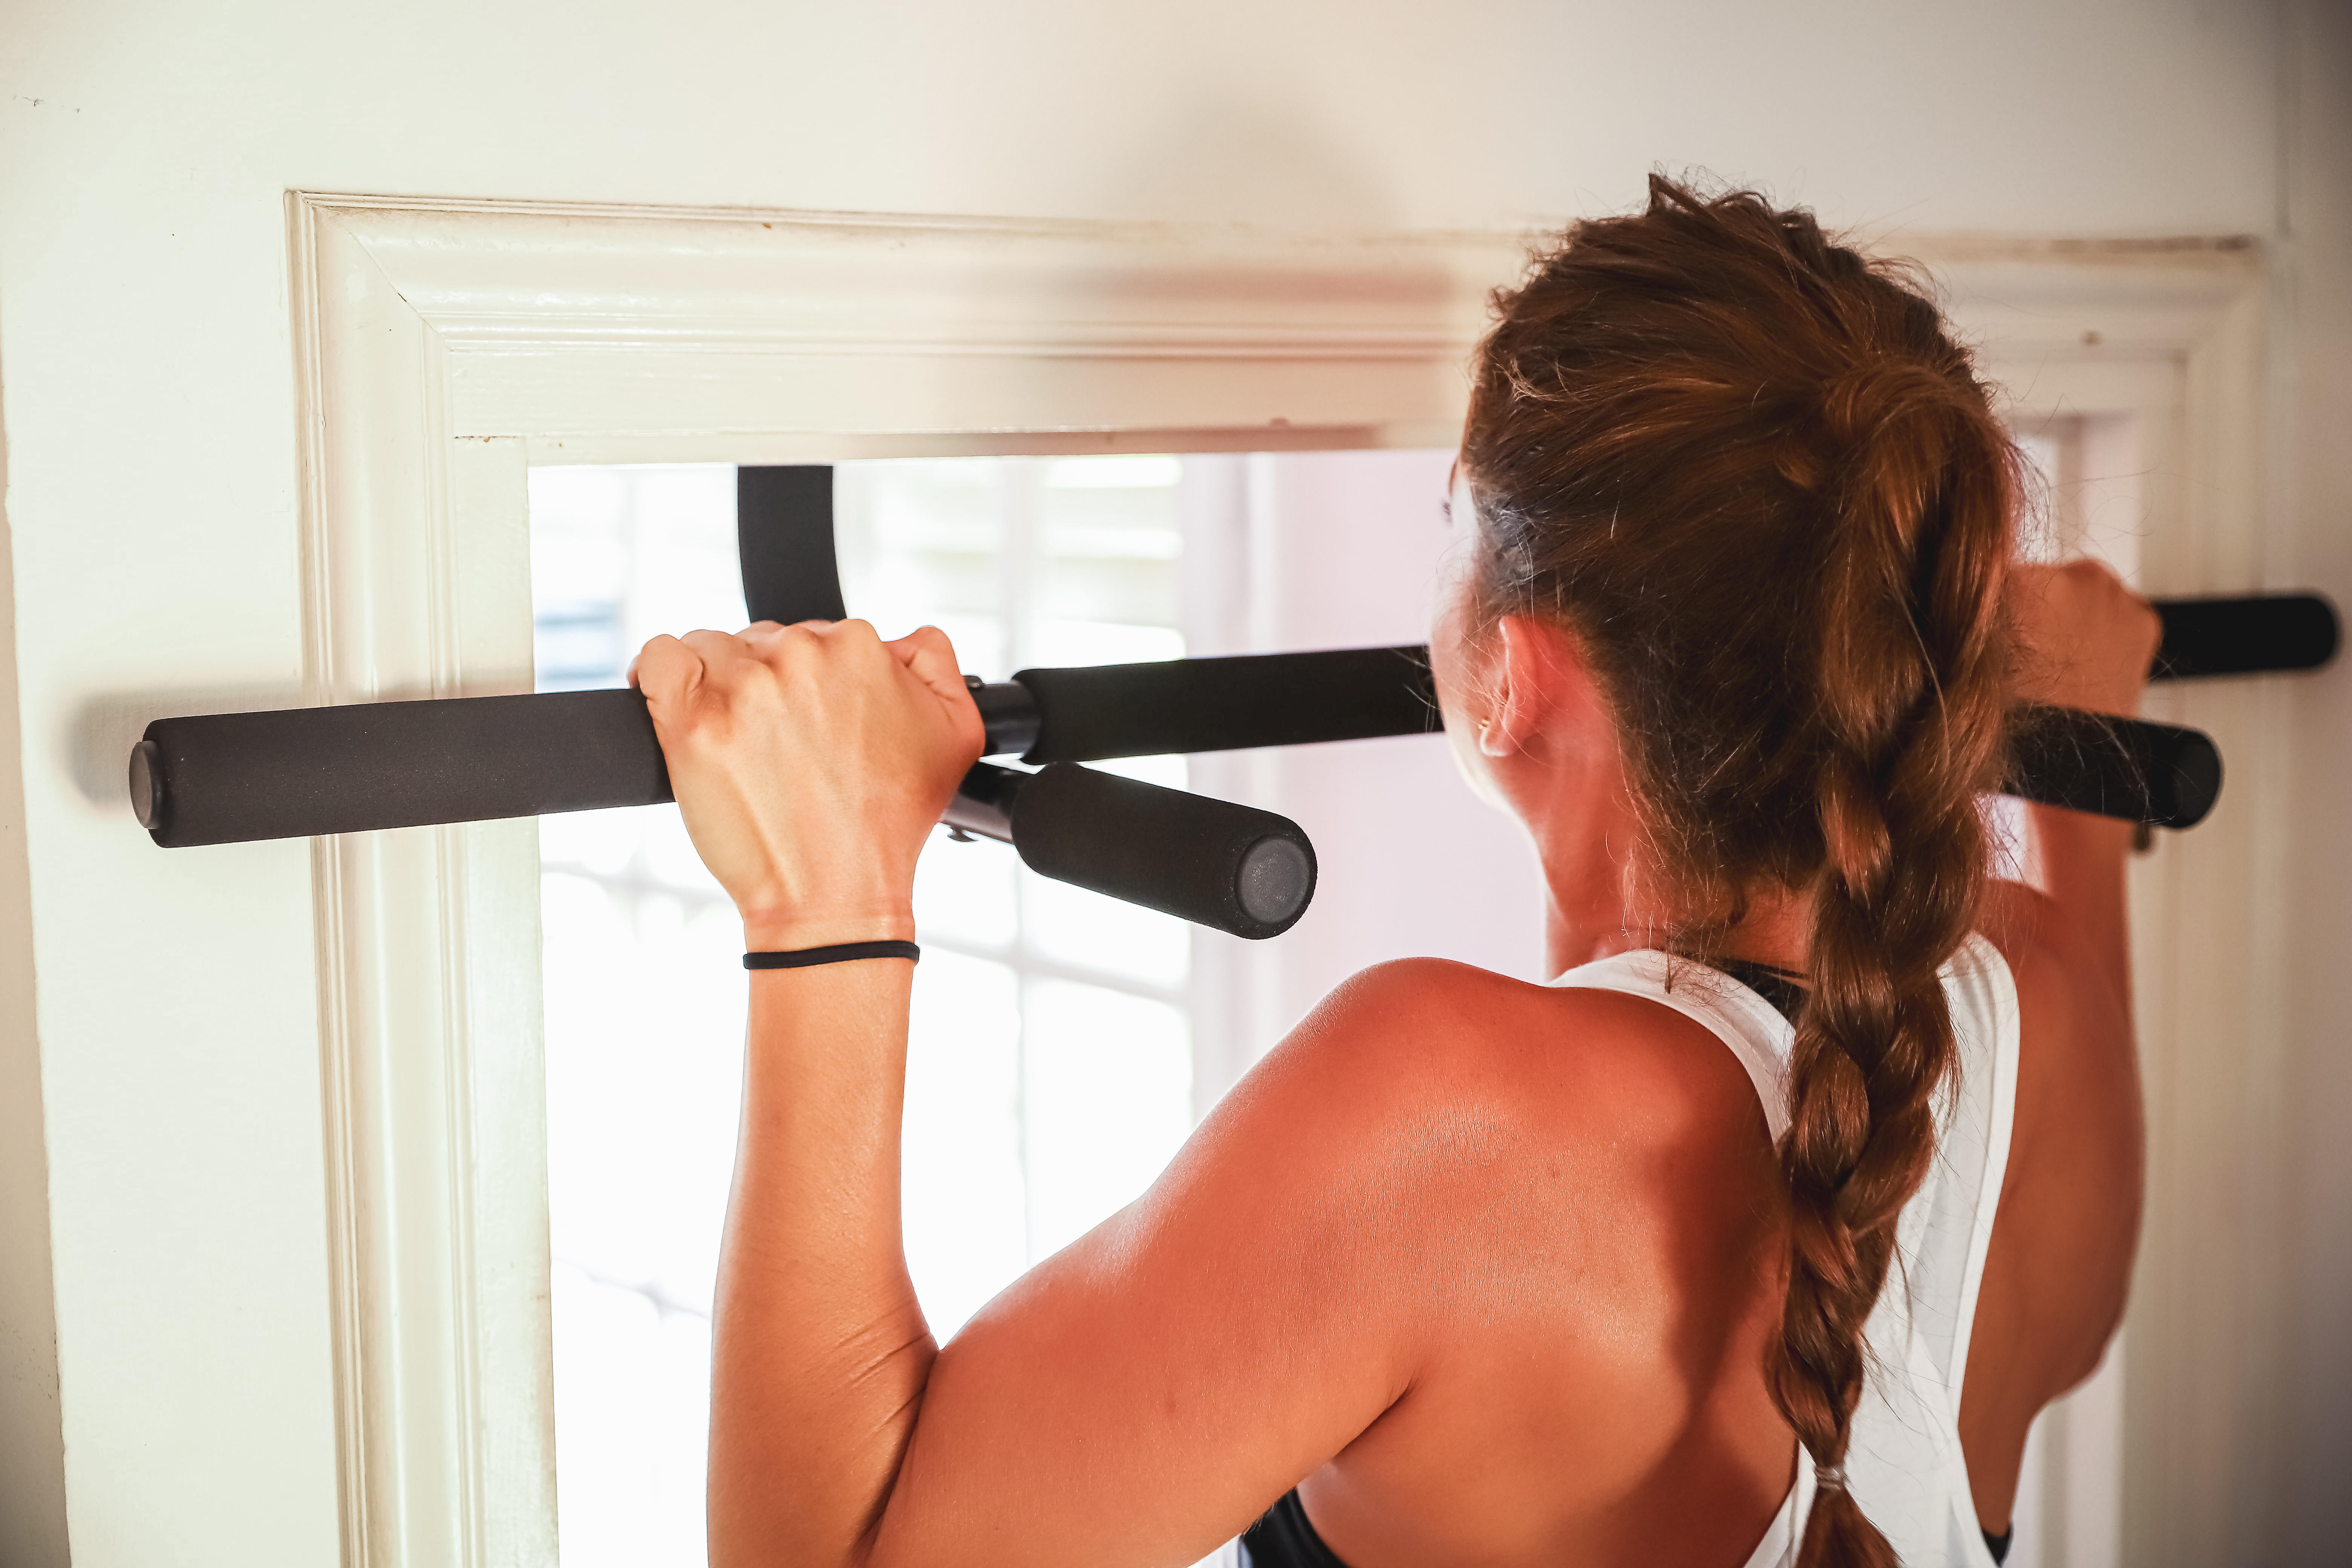 Şınav Barı İle Daha Etkili Egzersizler